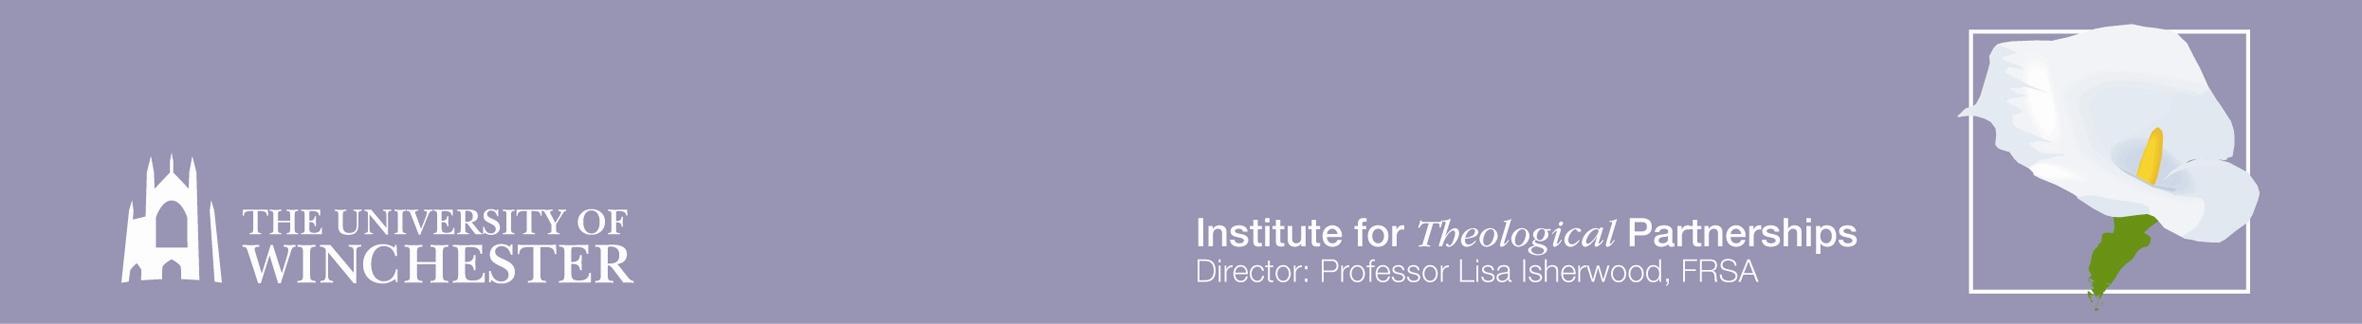 ITP header